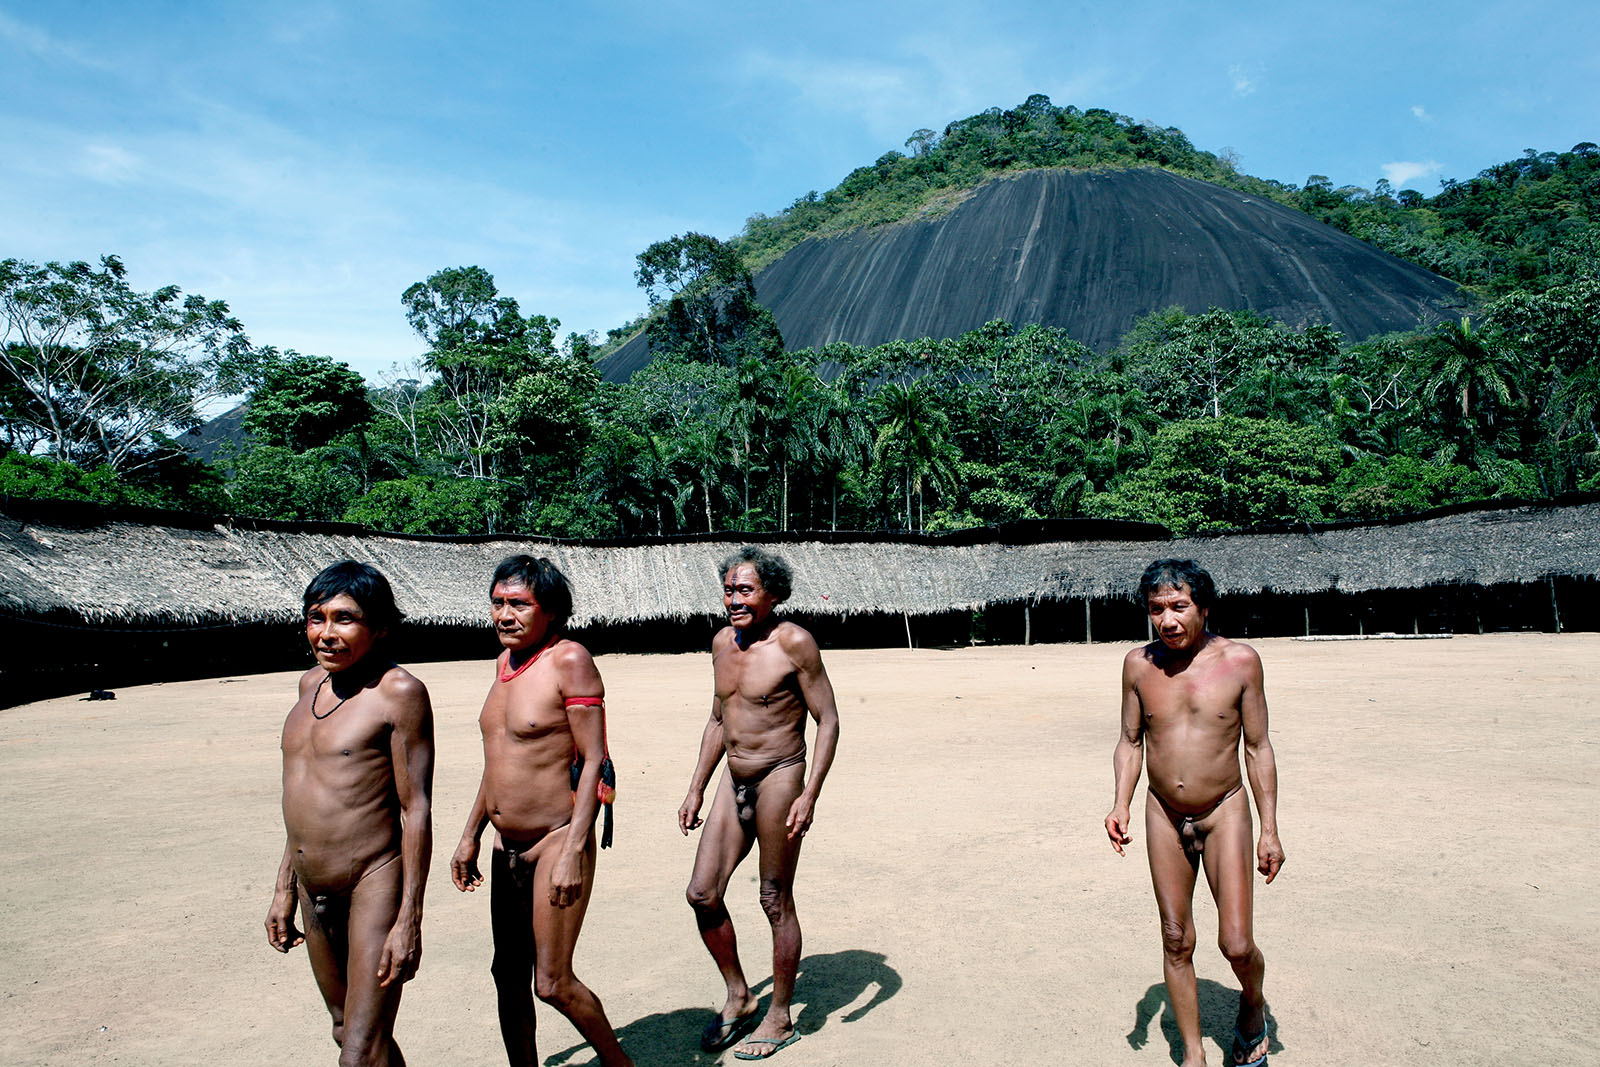 The Yanomami tribe in Demini, Brazil.